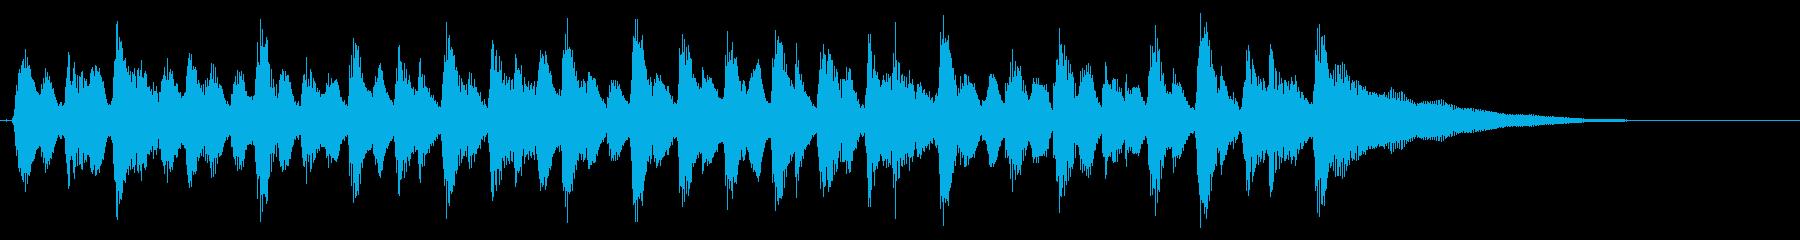 15秒CM、アコギリズム、商品紹介等③の再生済みの波形